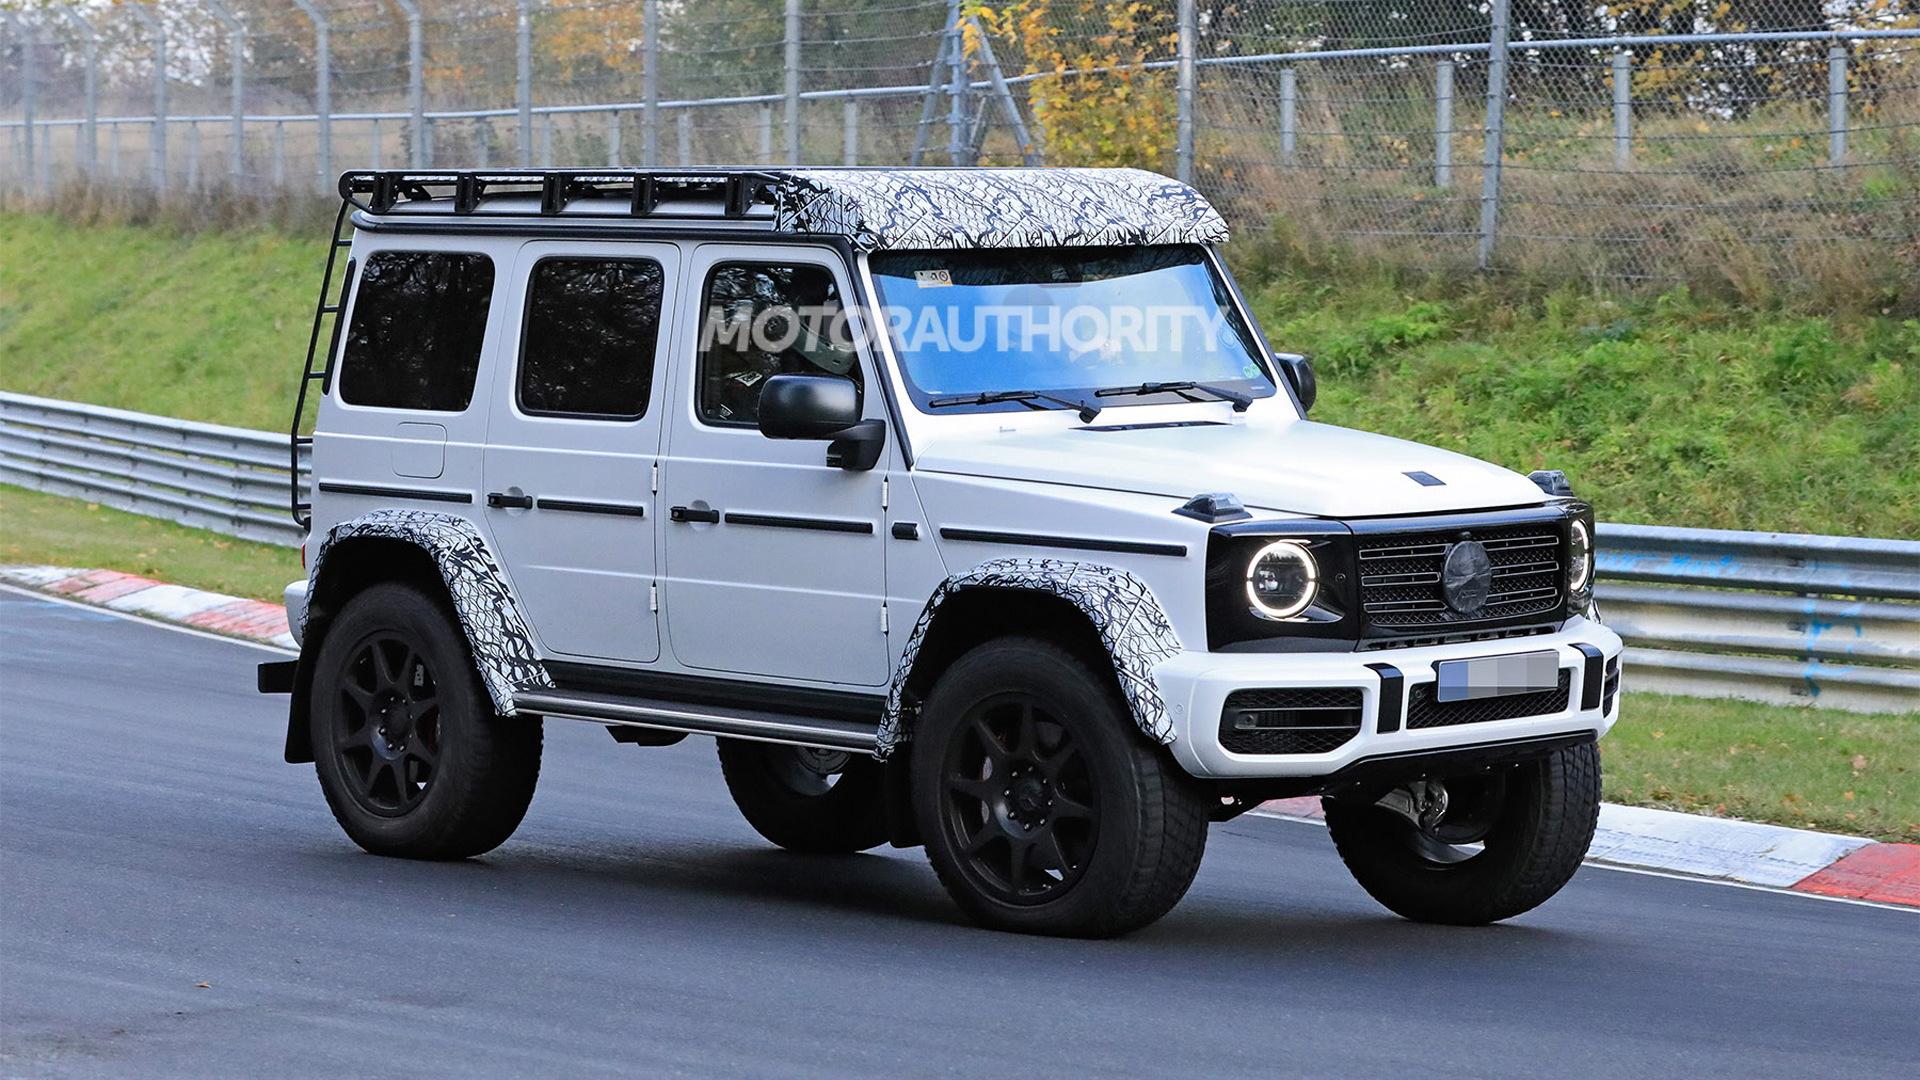 2022 Mercedes-Benz G550 4x4 Squared spy shots - Photo credit: S. Baldauf/SB-Medien